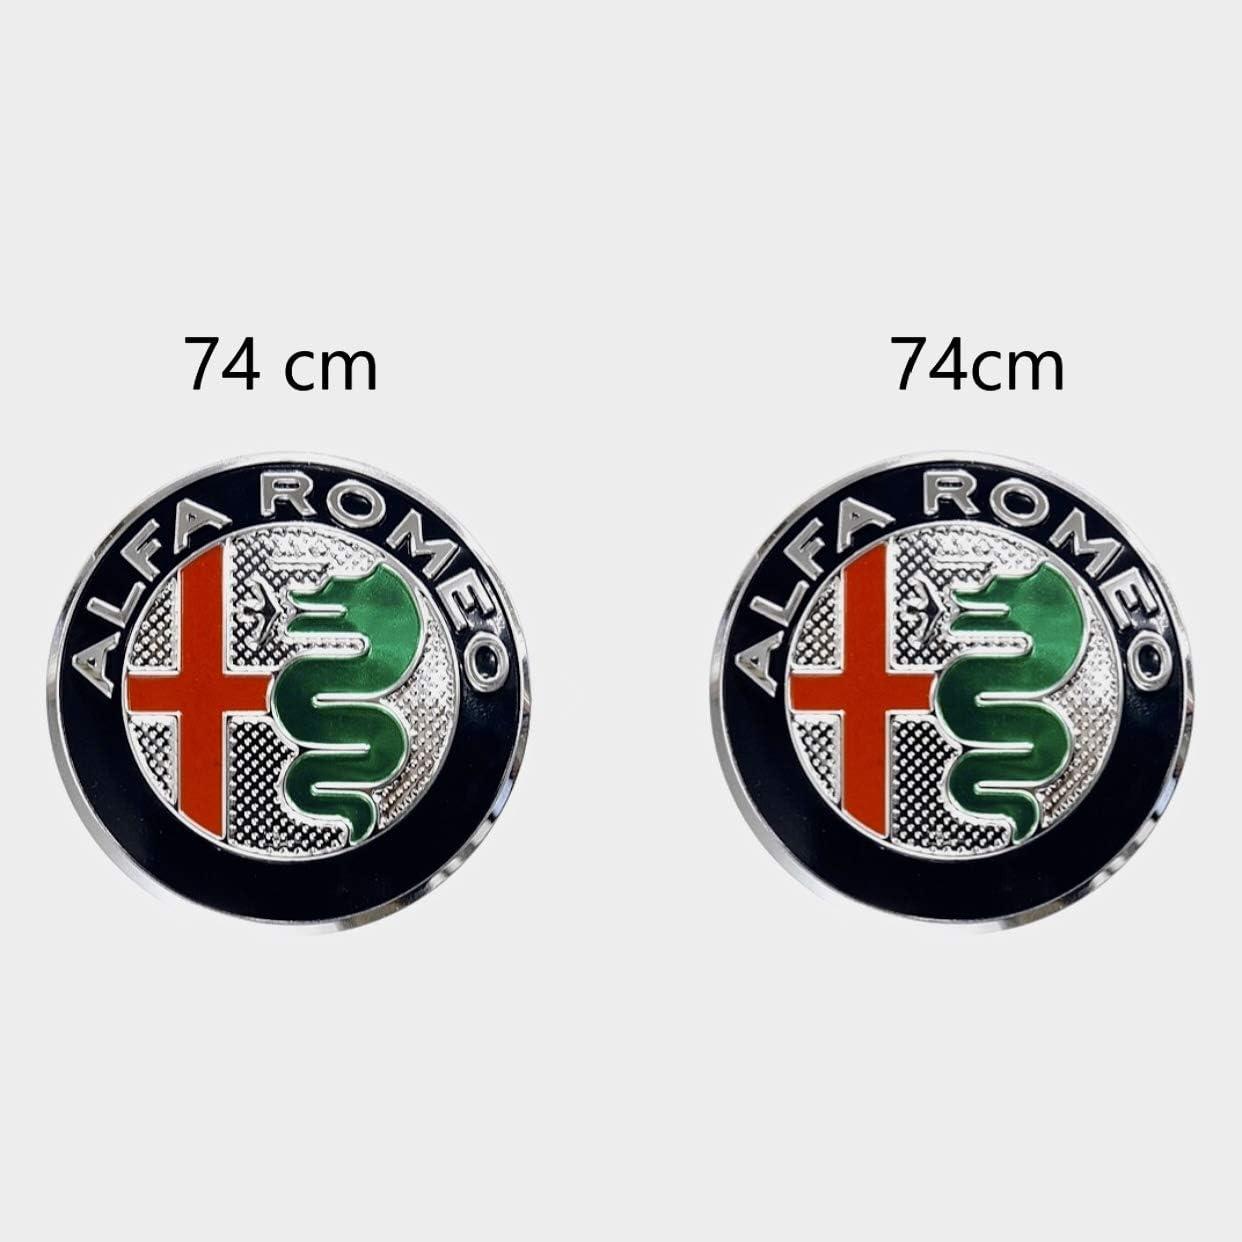 Emblem Set Für Capo Und Kofferraum 74 Mm Silberabzeichen 2 Stück Auto